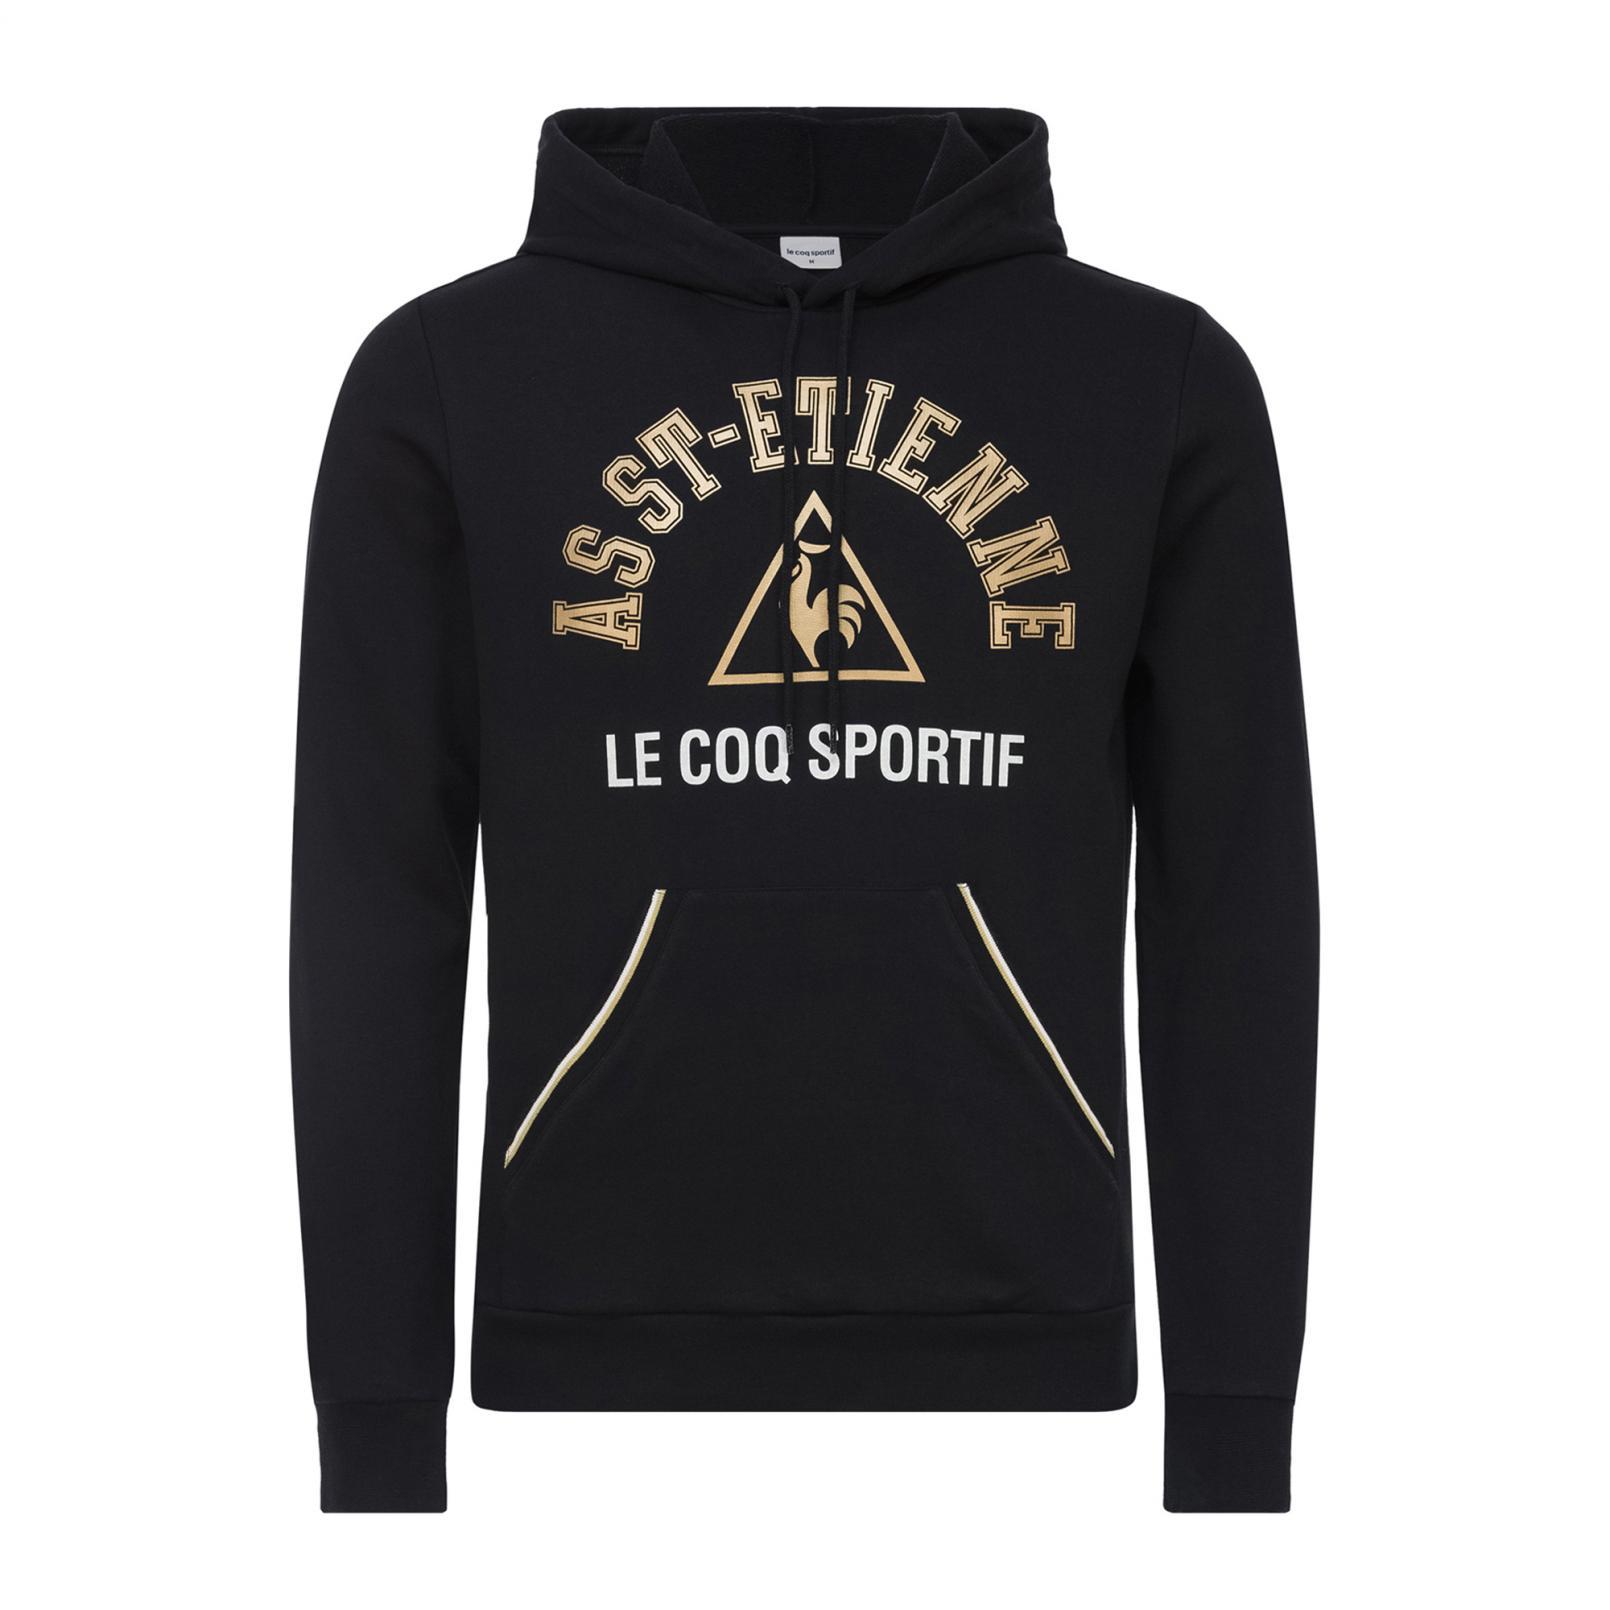 Sweat tops – Le Coq Sportif ASSE Fanwear Pull-over hood Black